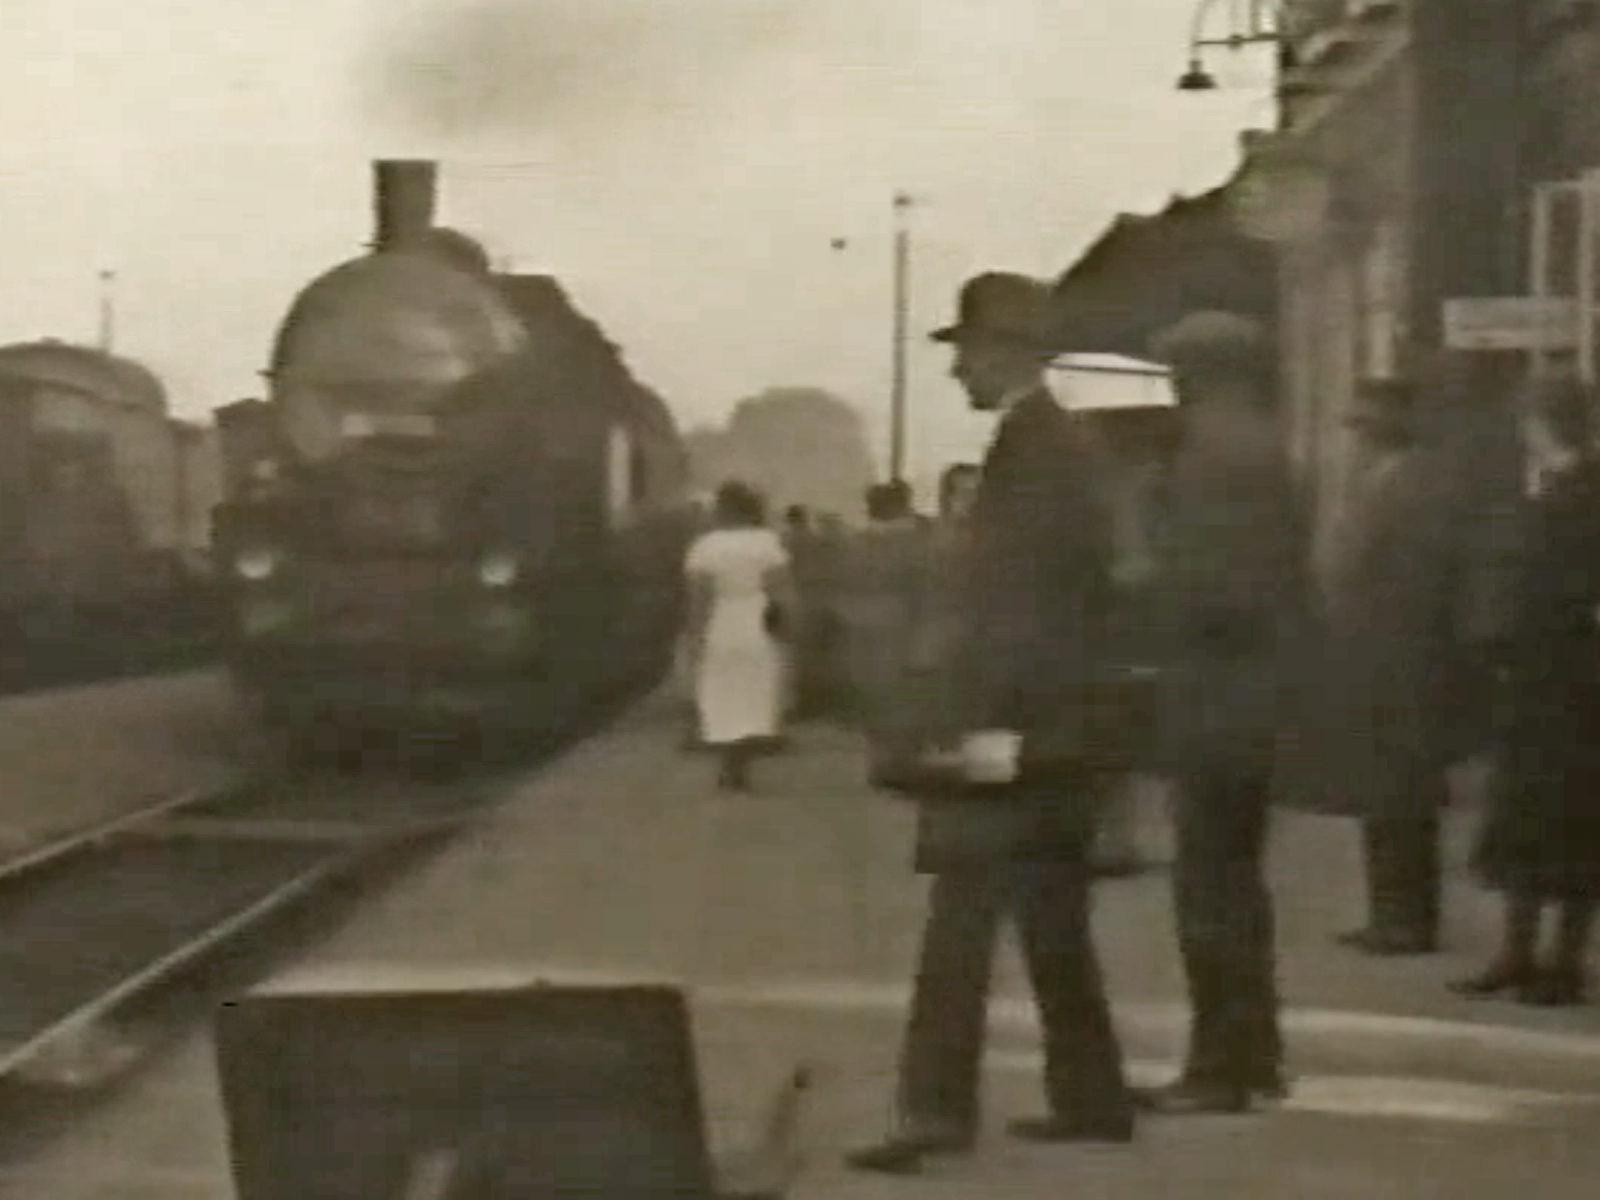 Zug mit Dampflok in Halle (Westf.) um 1930.